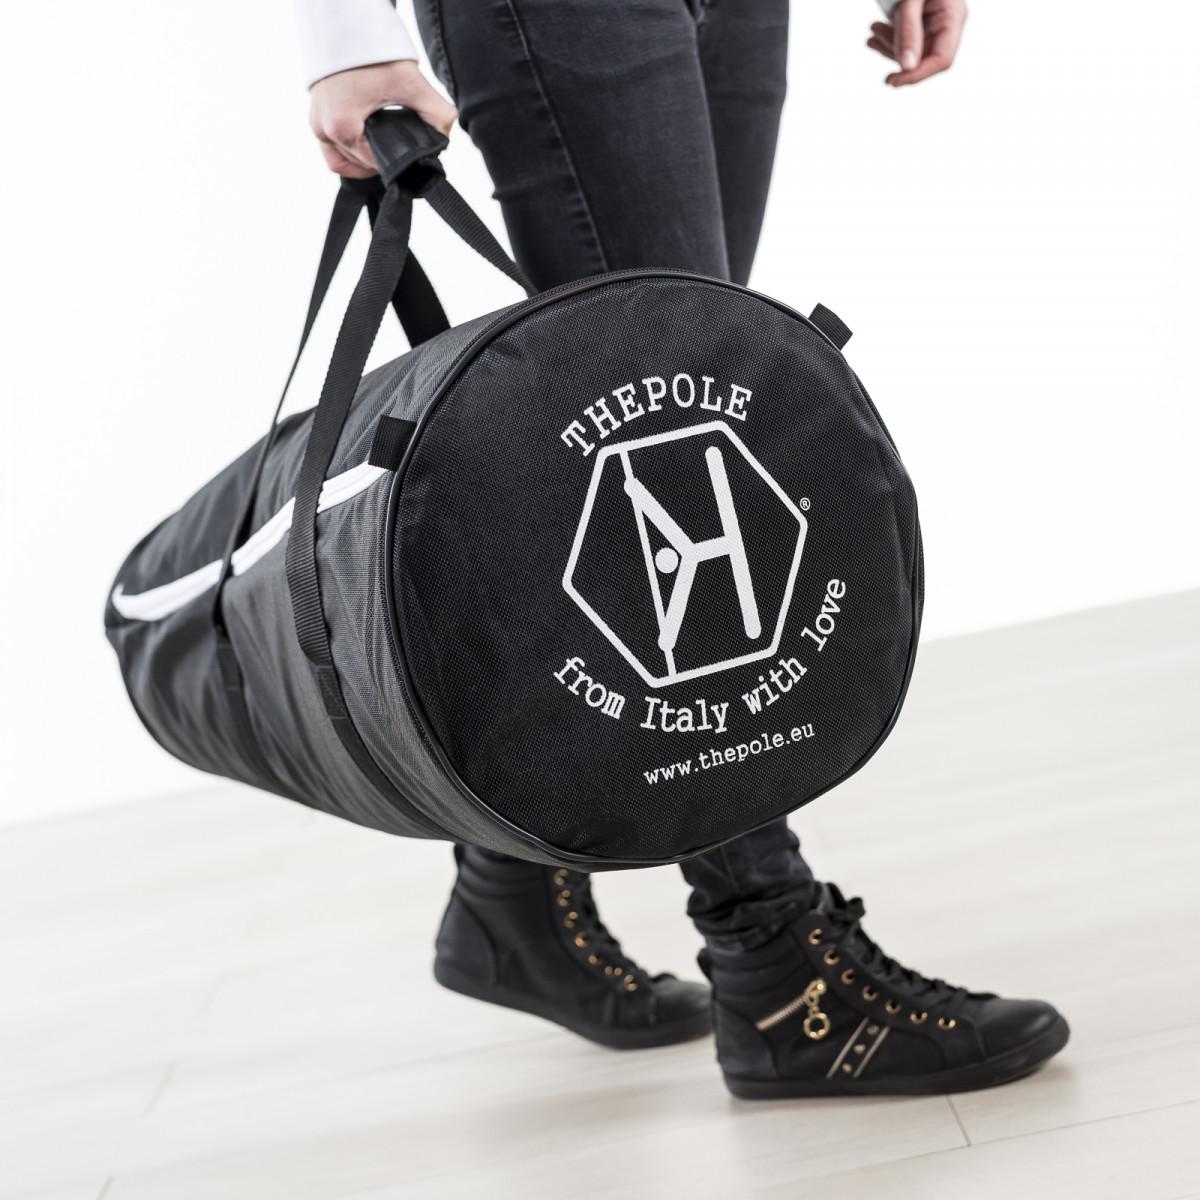 Carrying Bag for Pole Hive Platform Frame